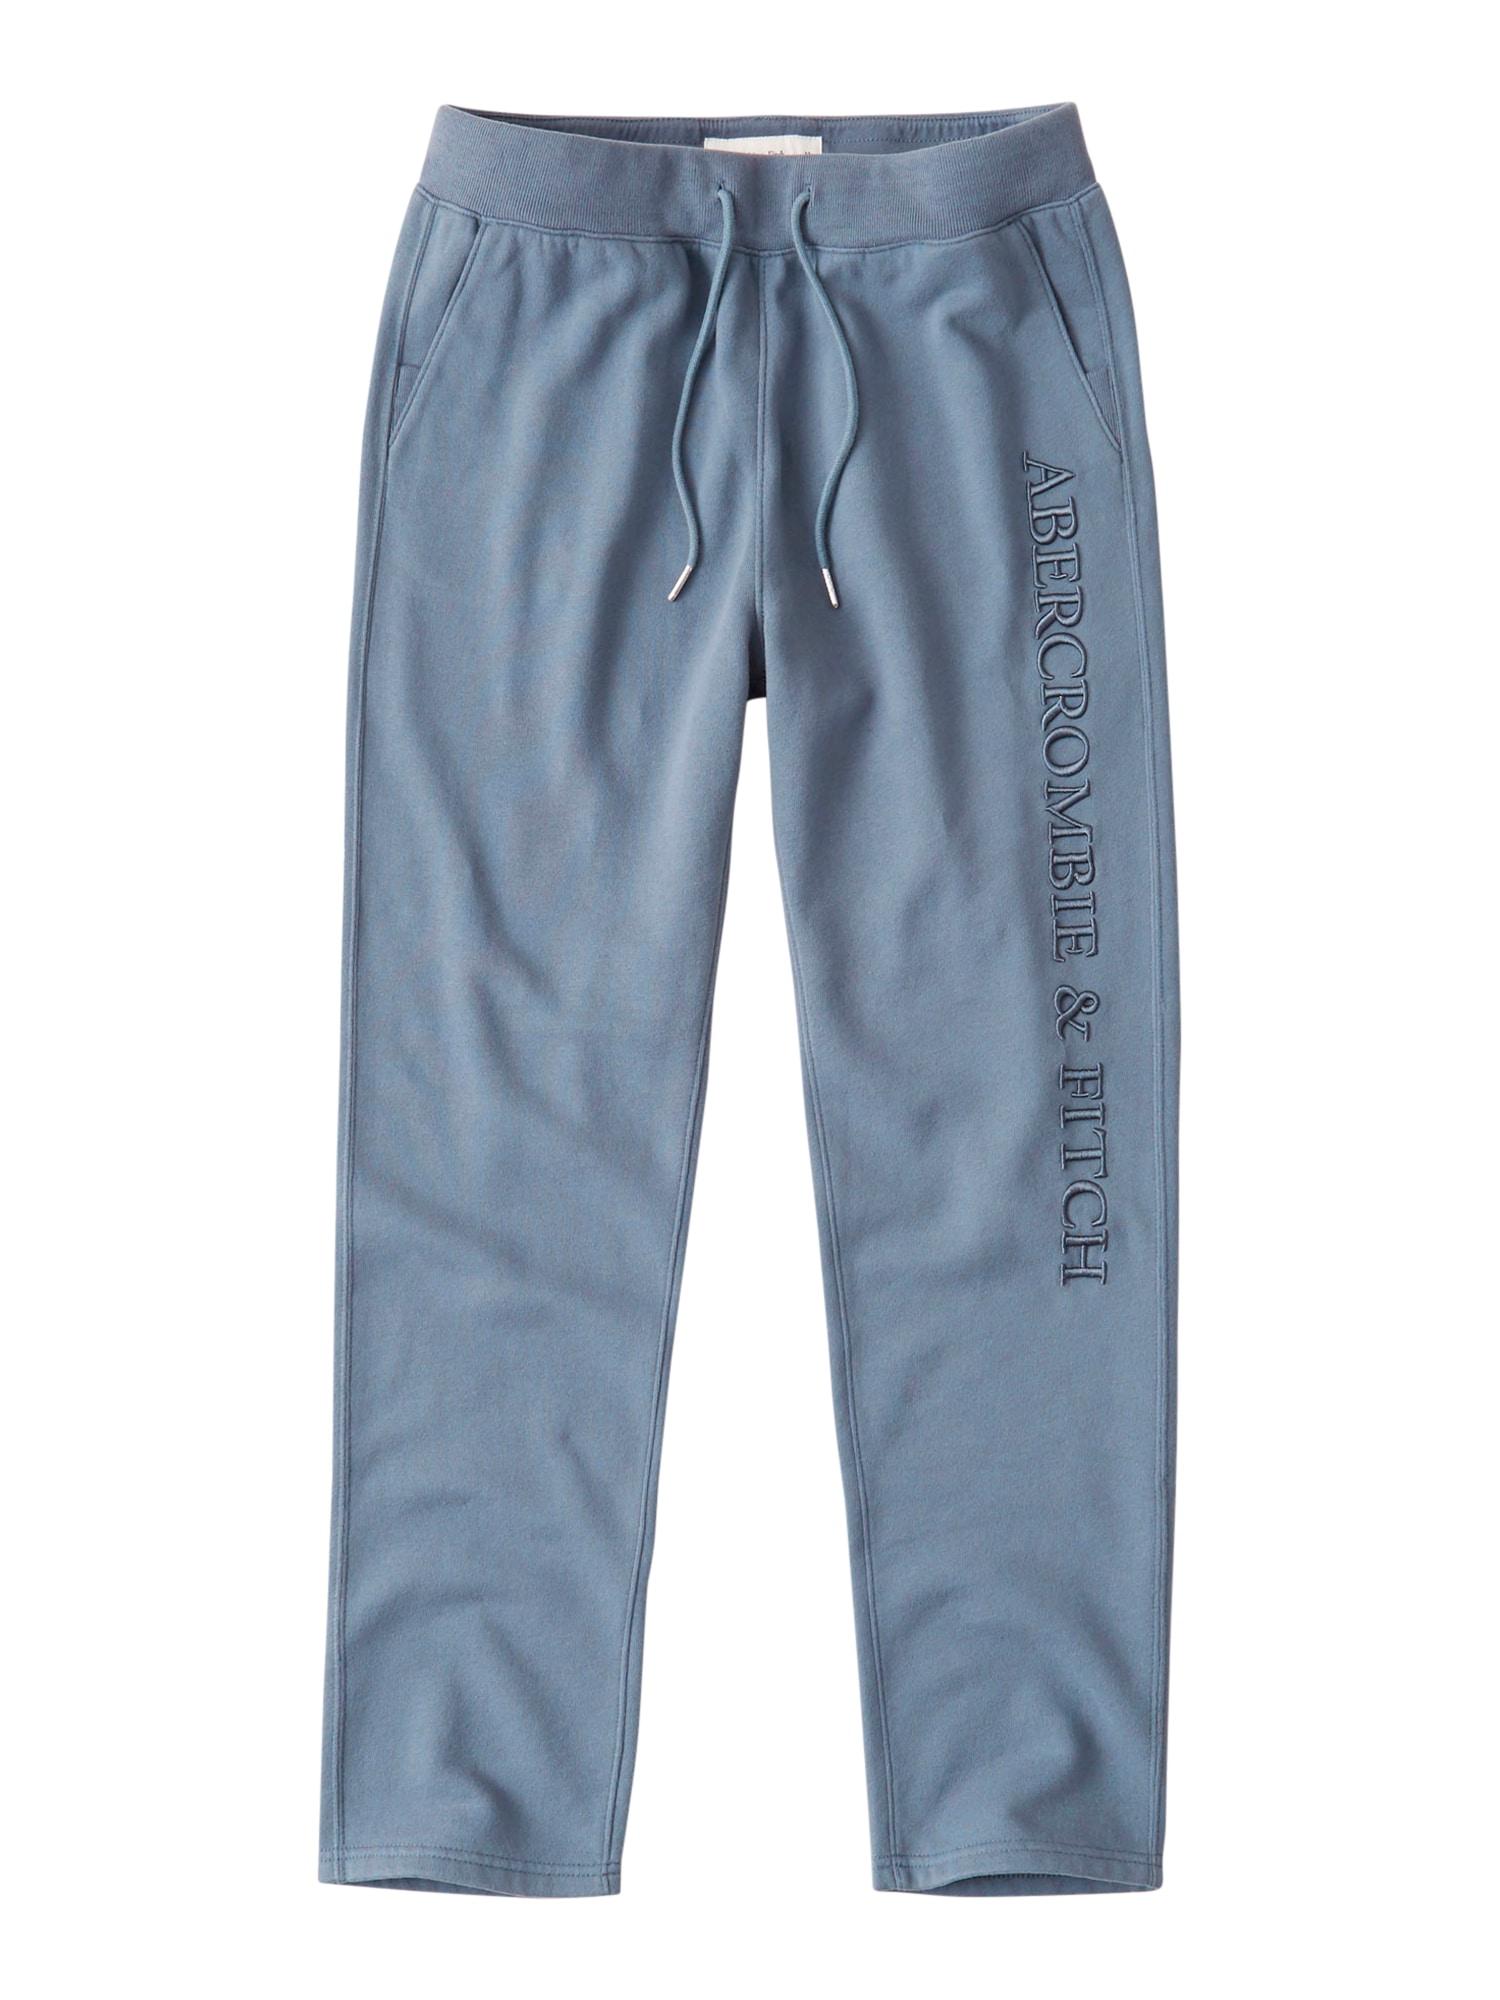 Abercrombie & Fitch Kelnės mėlyna